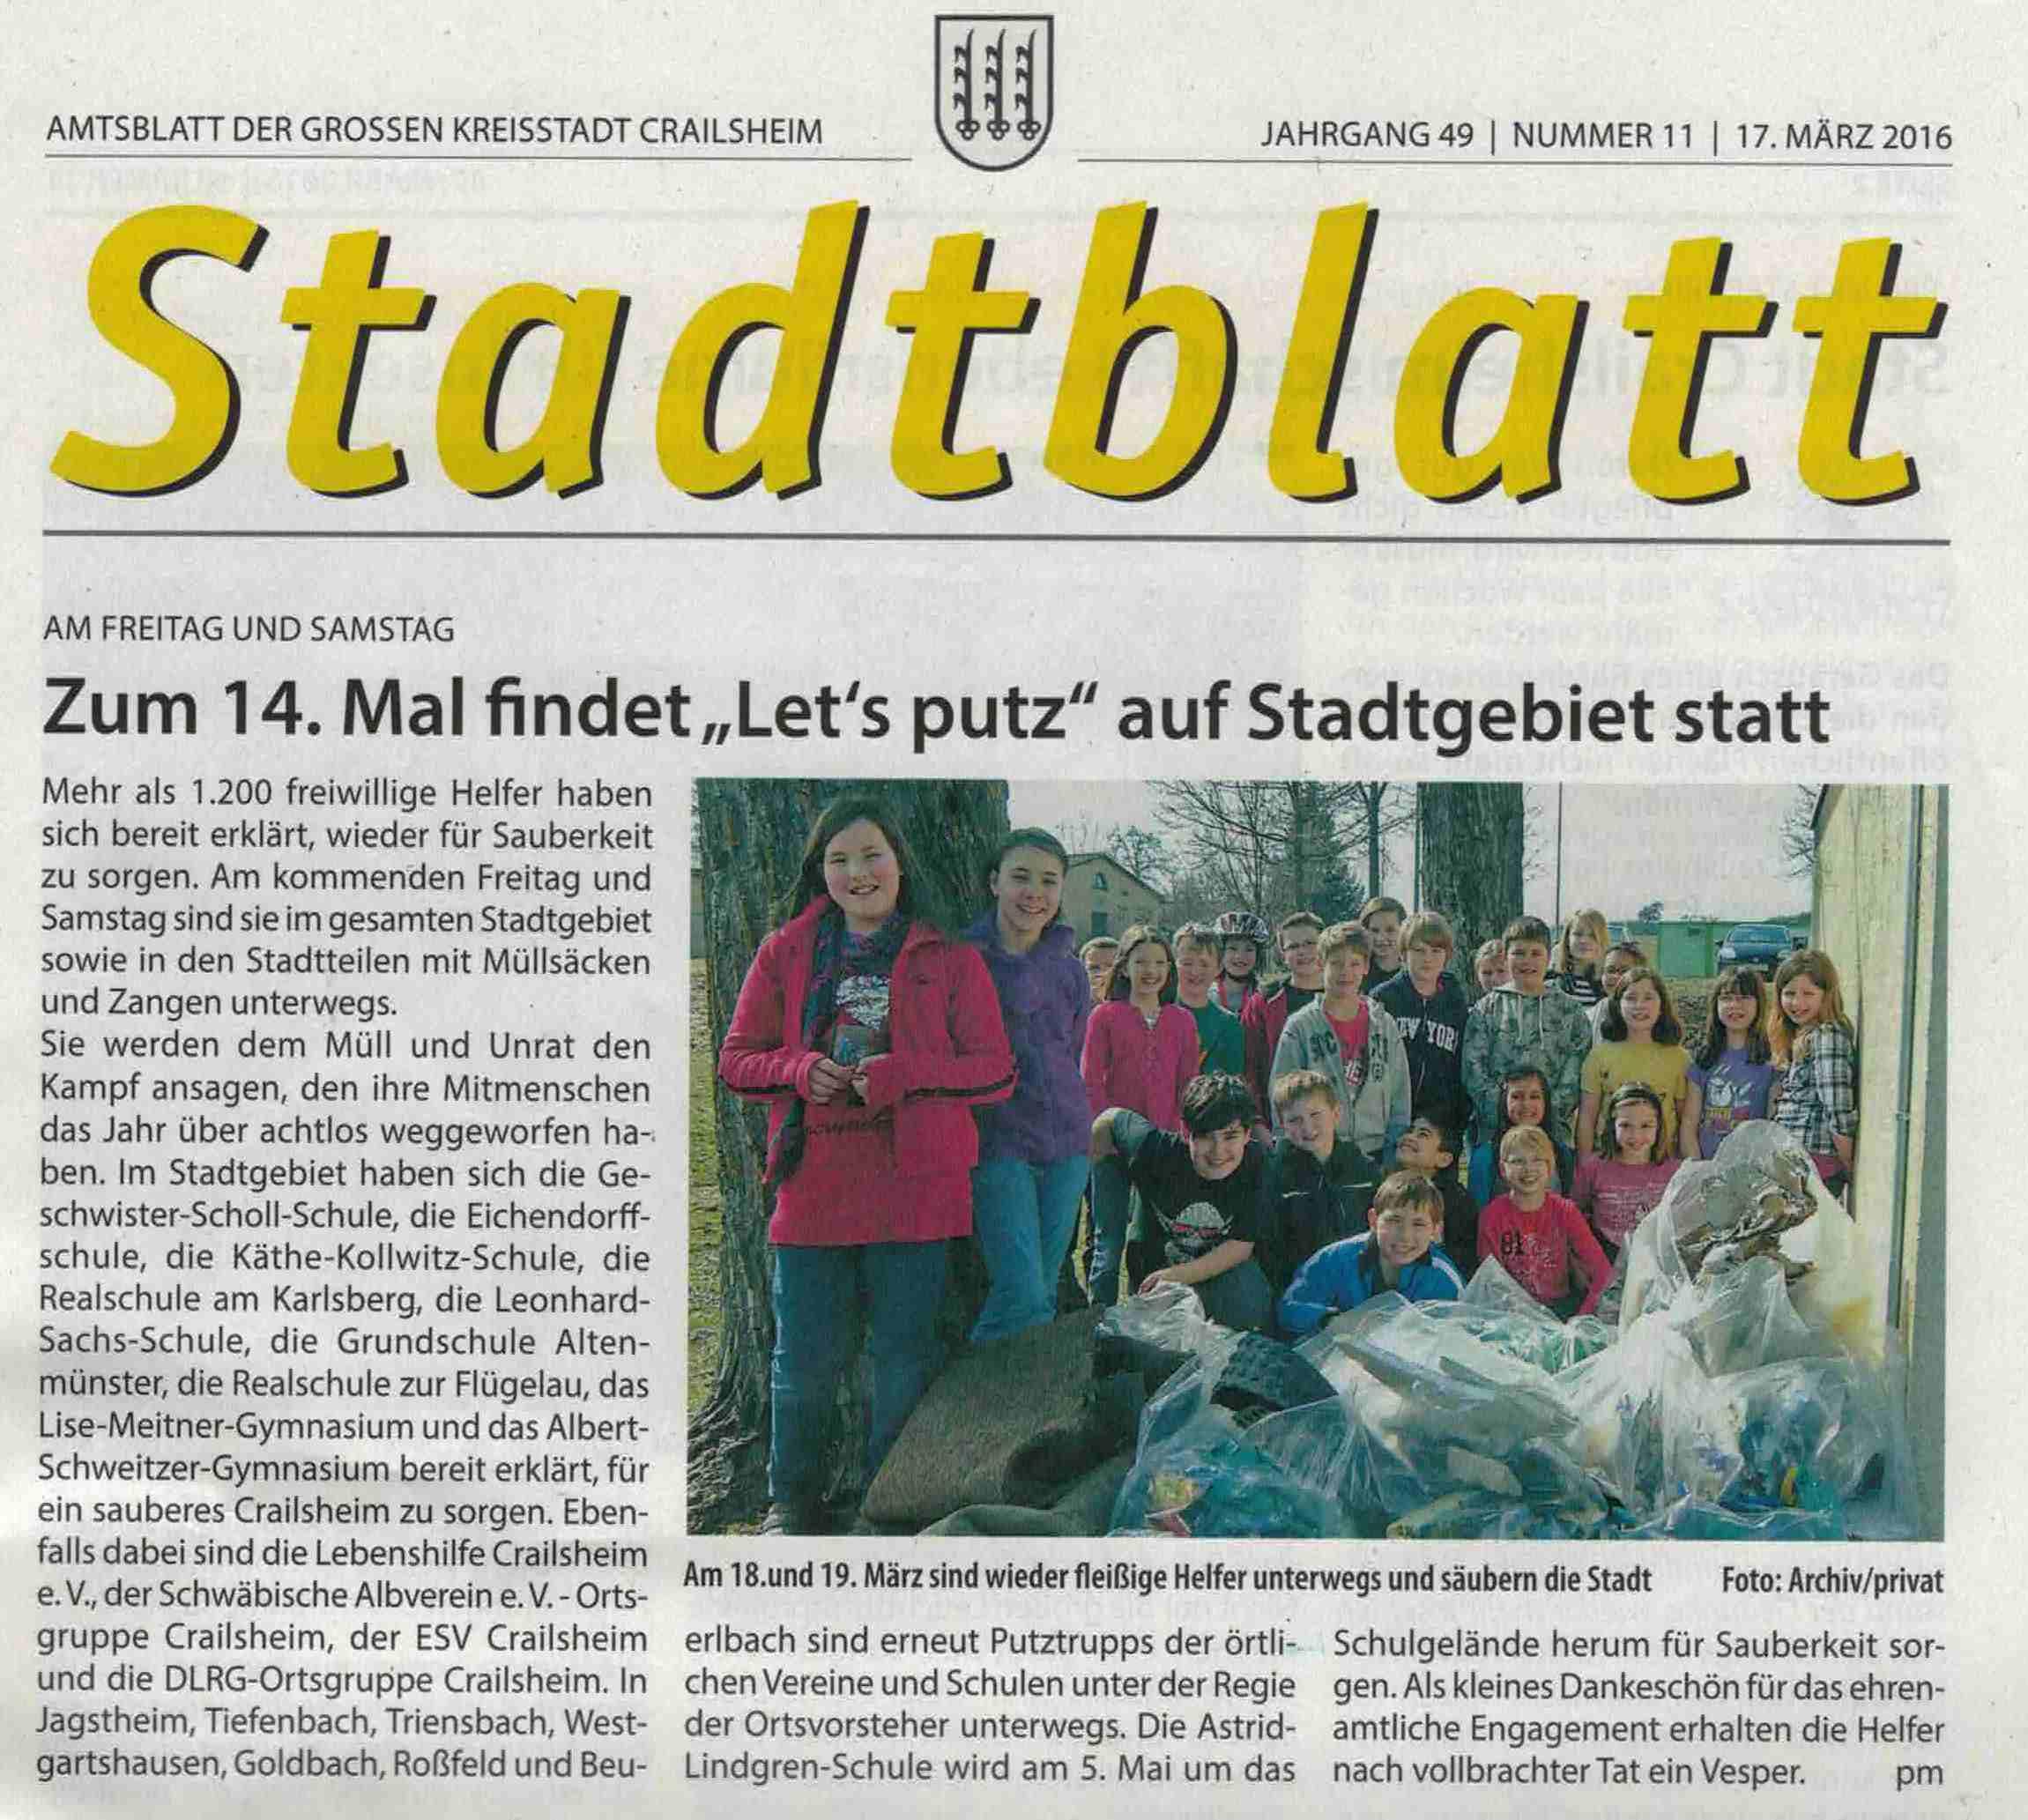 Stadtputzede 16.jpg - 273.04 KB